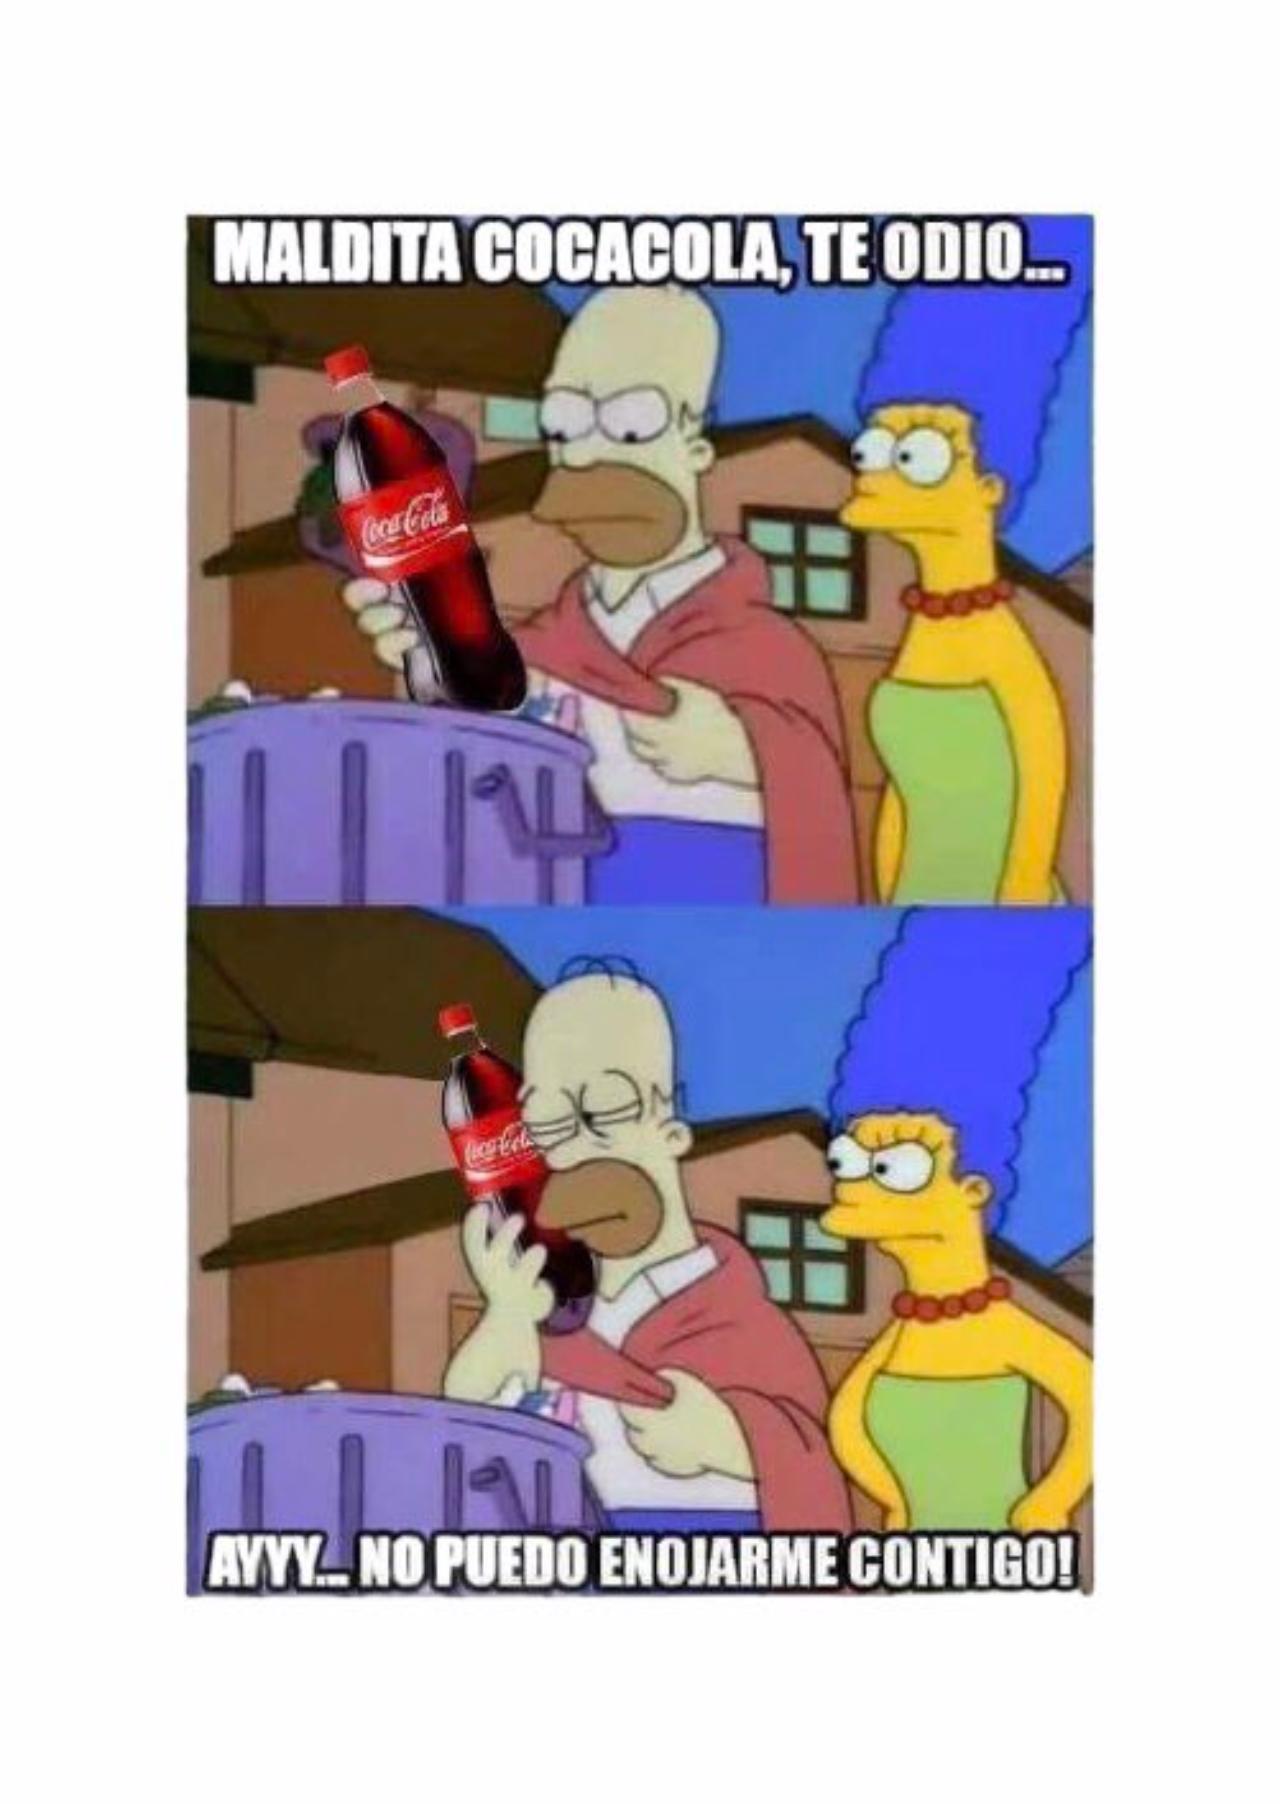 Meme yo te amo coca cola